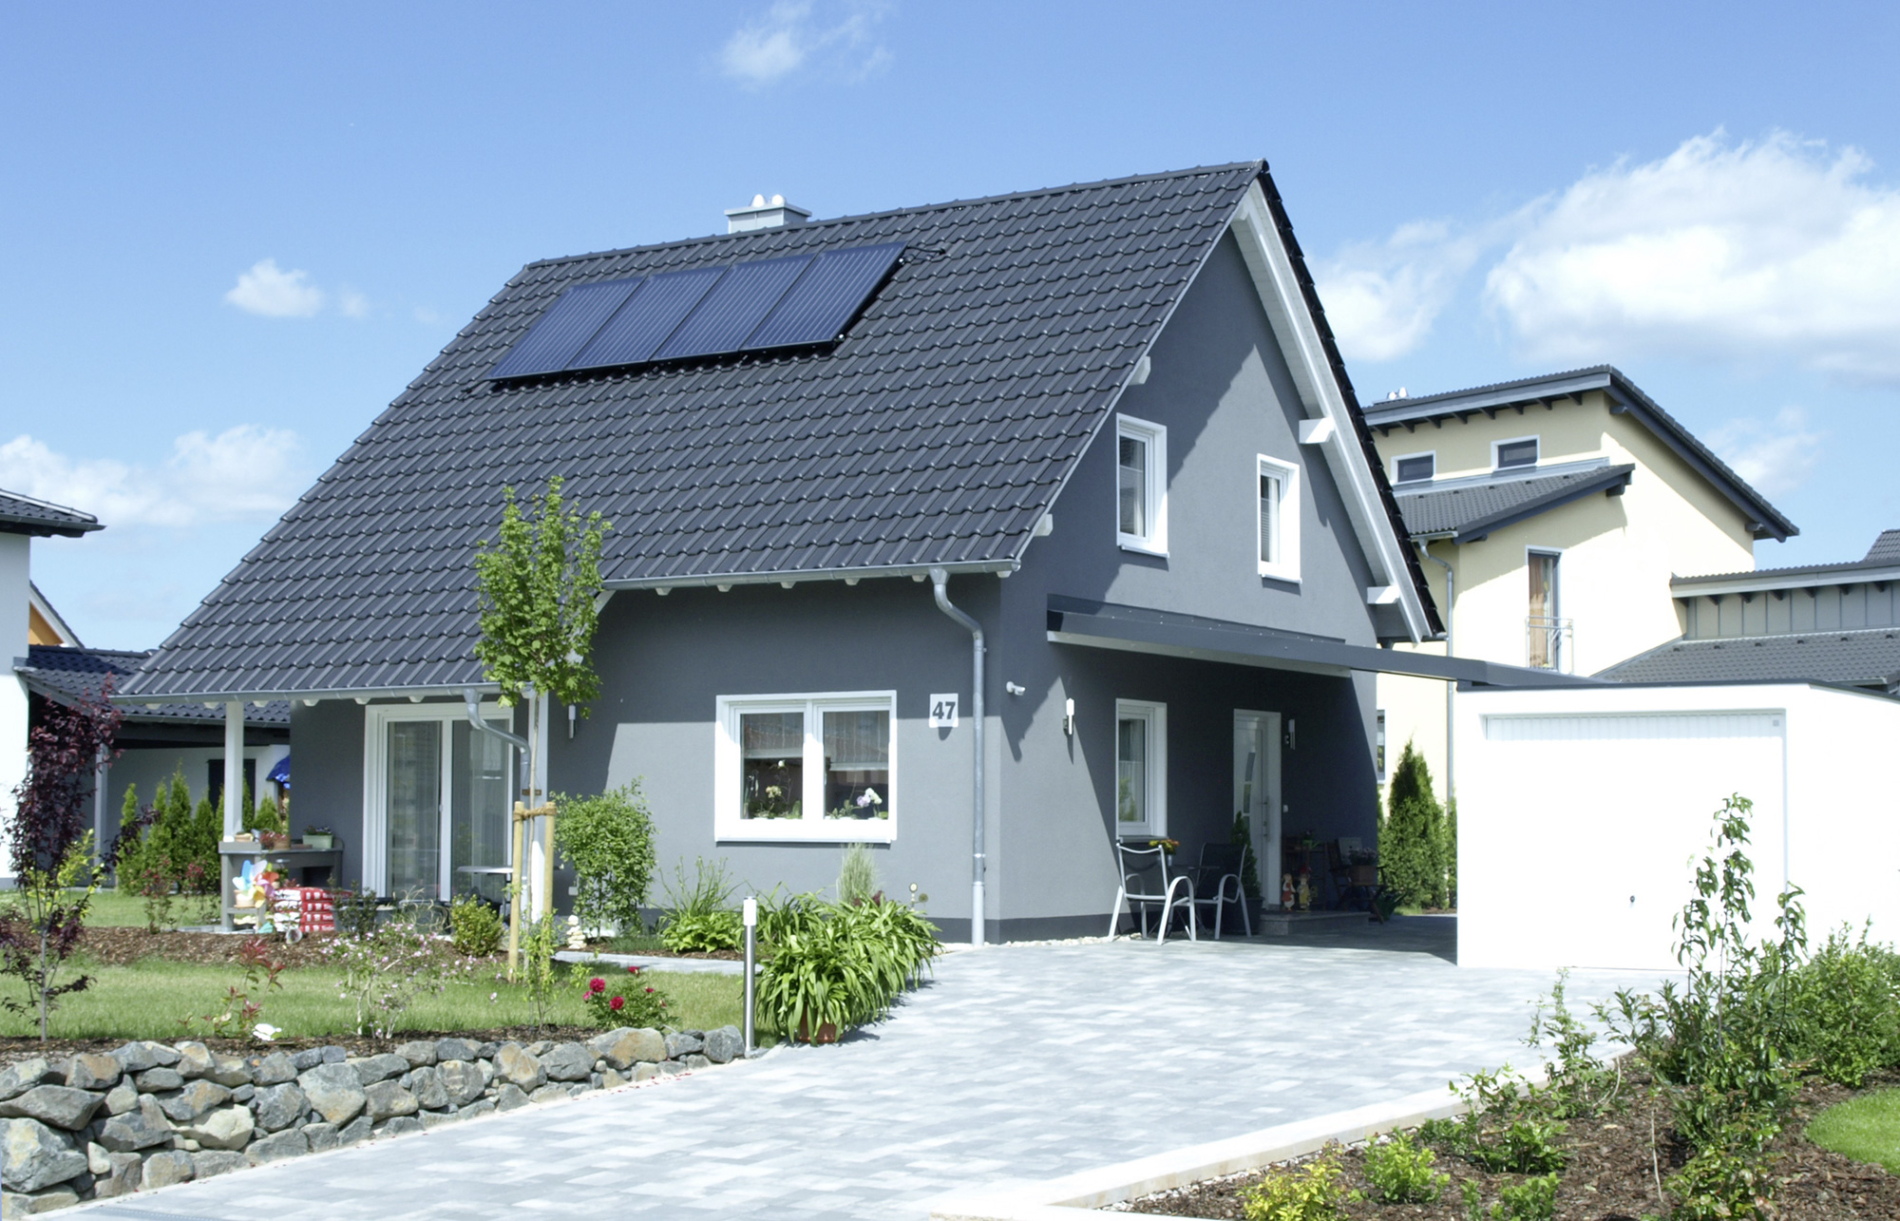 Haus Felix - Satteldach - Haus bauen Einfamilienhaus